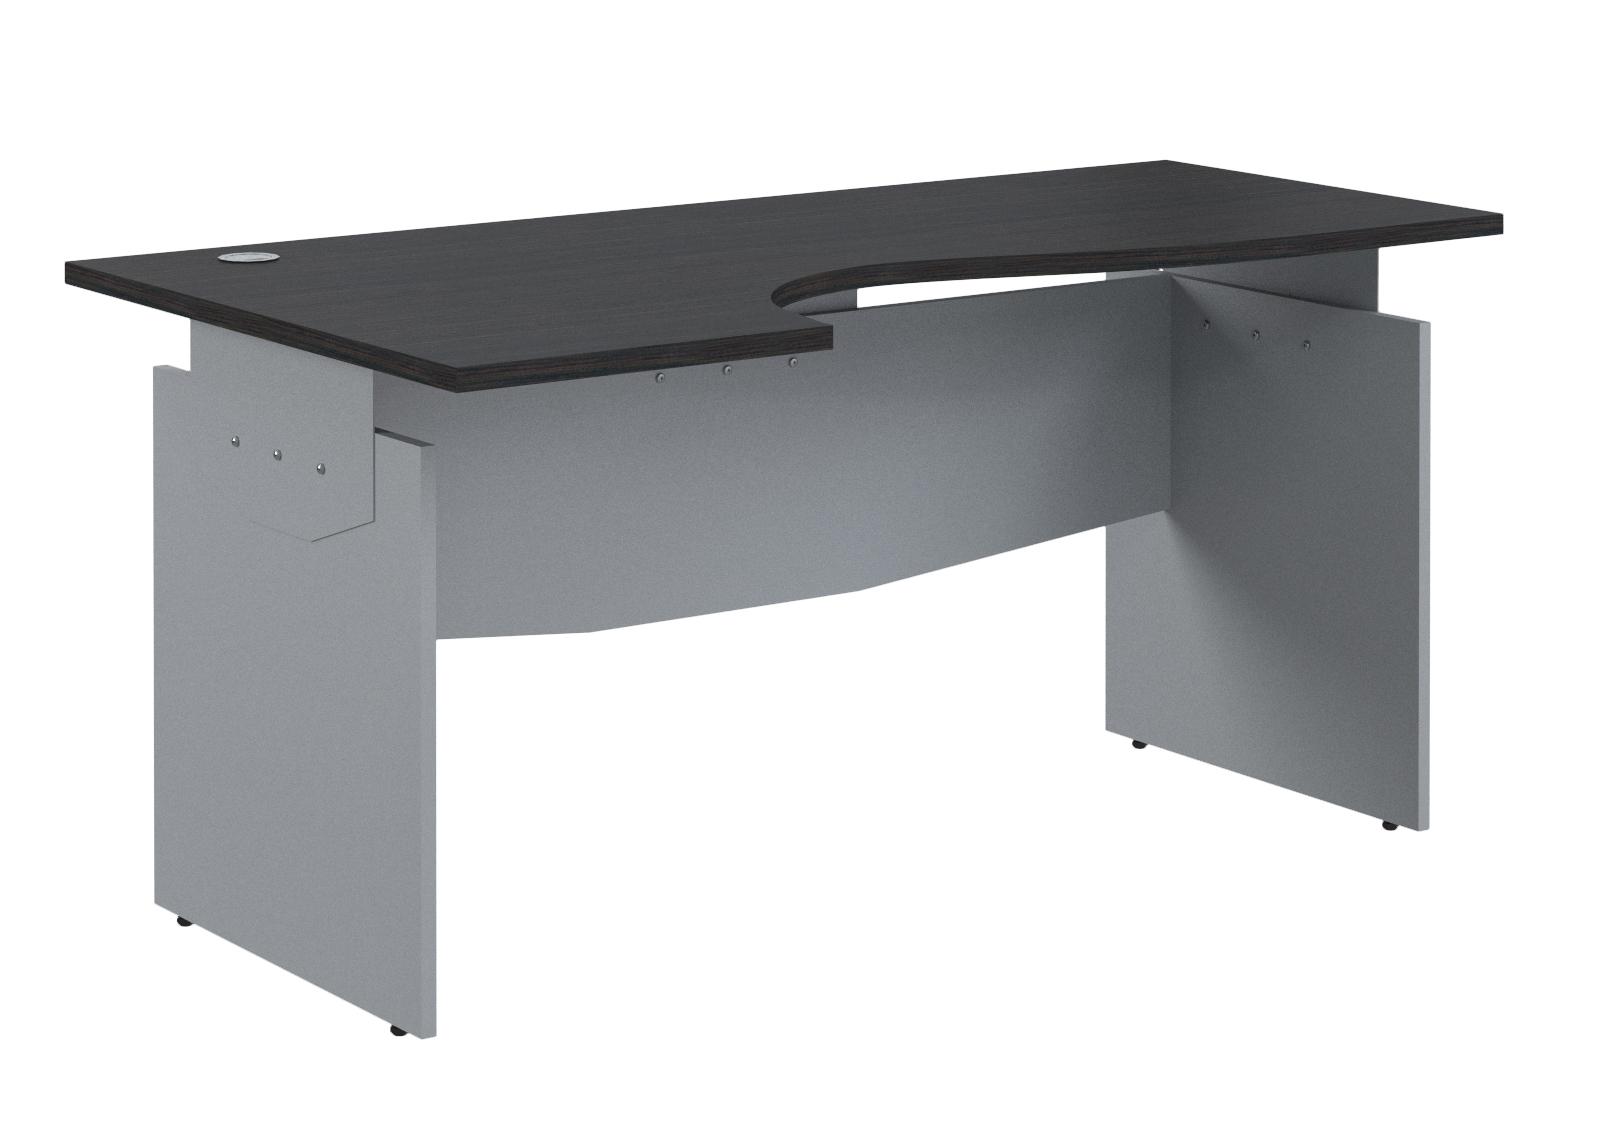 Työpöytä Offix-New 160 cm